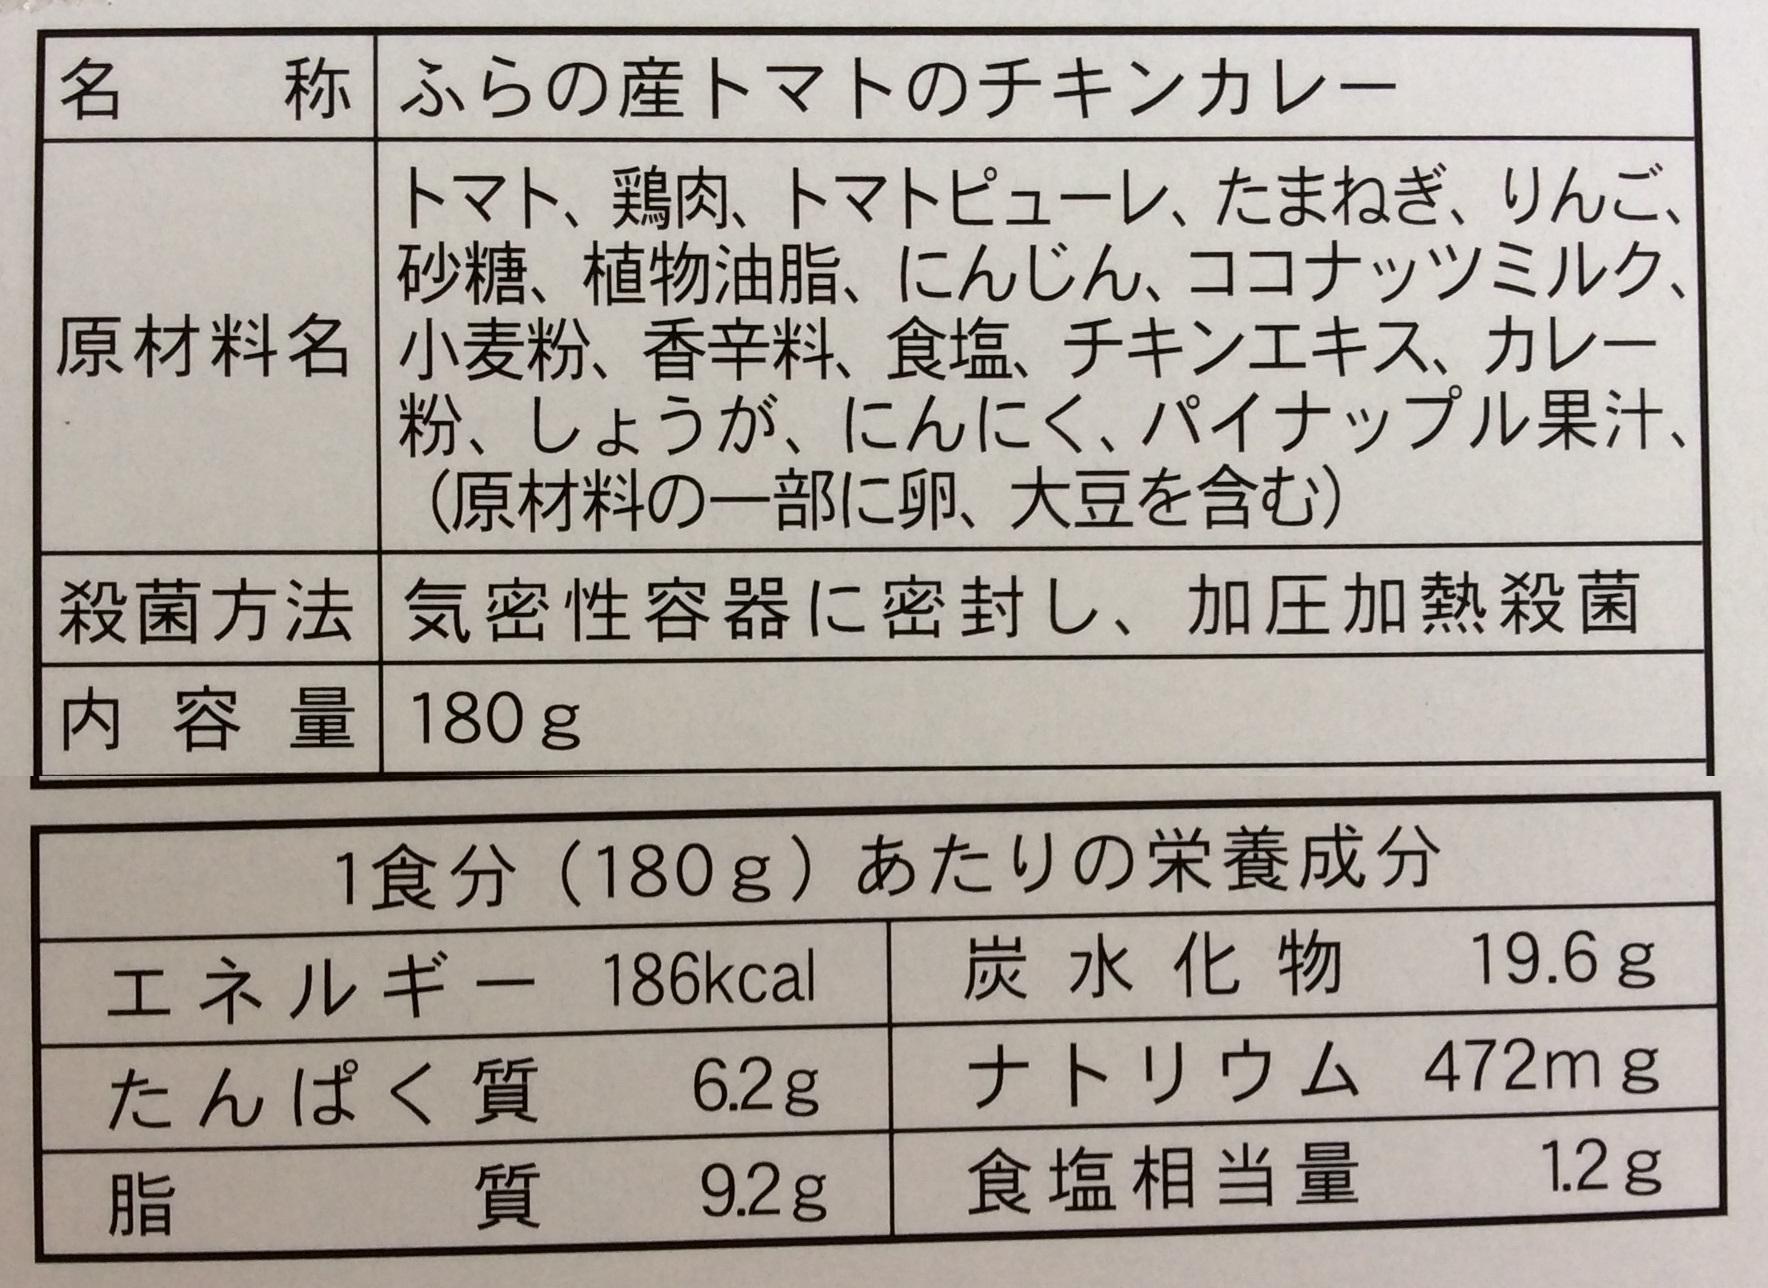 EB412DC6-6BFF-49A3-A7B5-83F1164A5771.jpeg